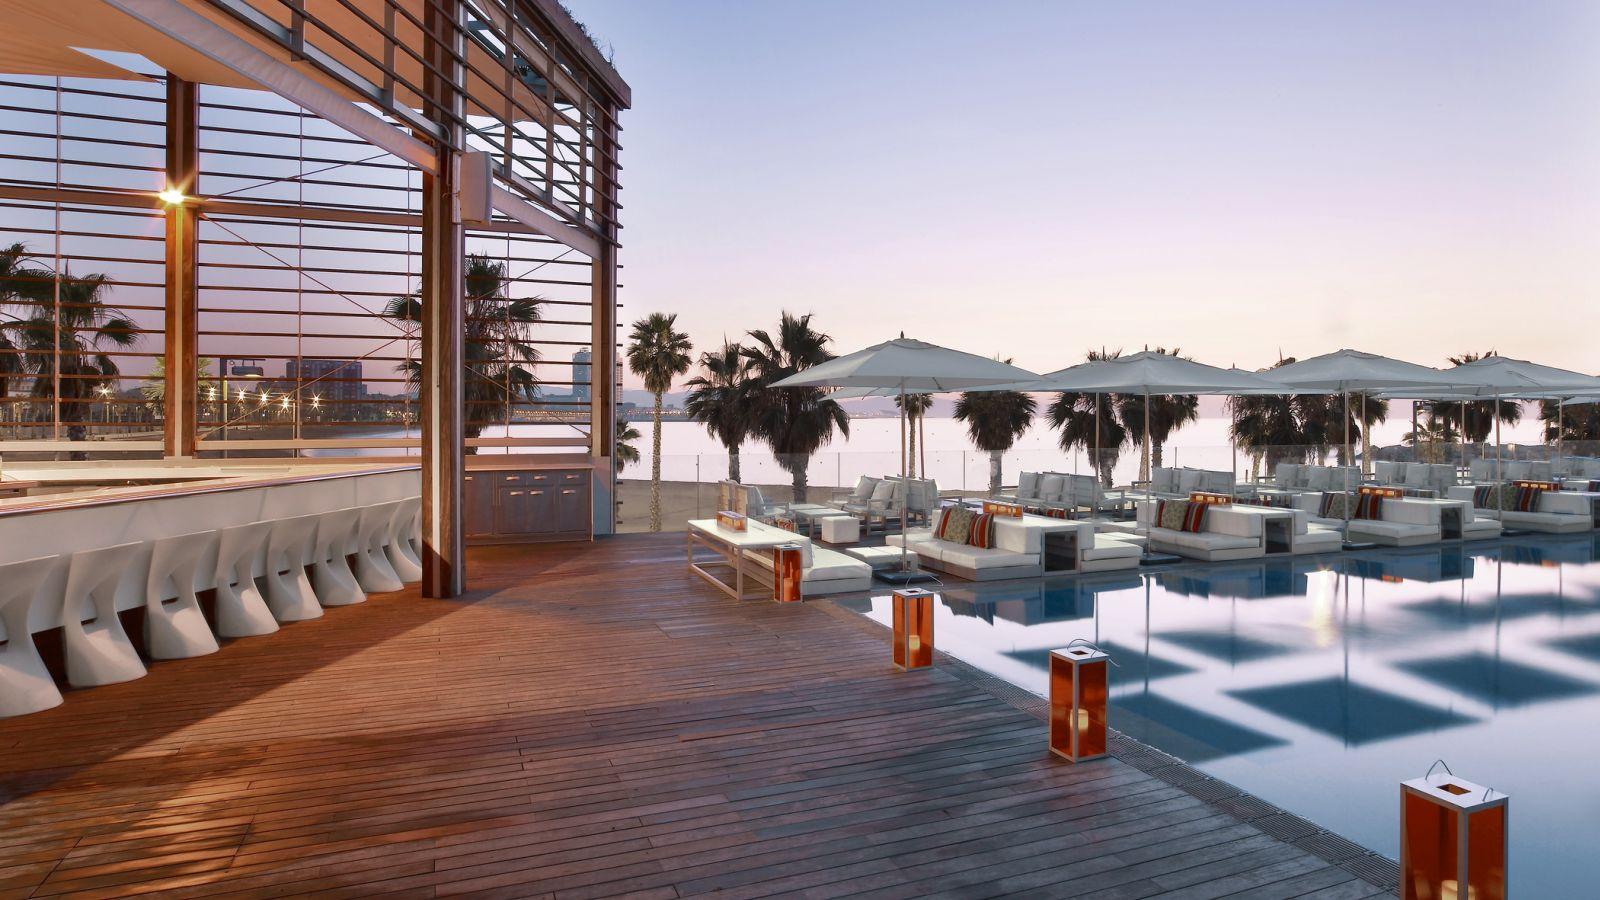 Las mejores terrazas de hoteles de espa a lovely streets for Terrazas de hoteles en barcelona